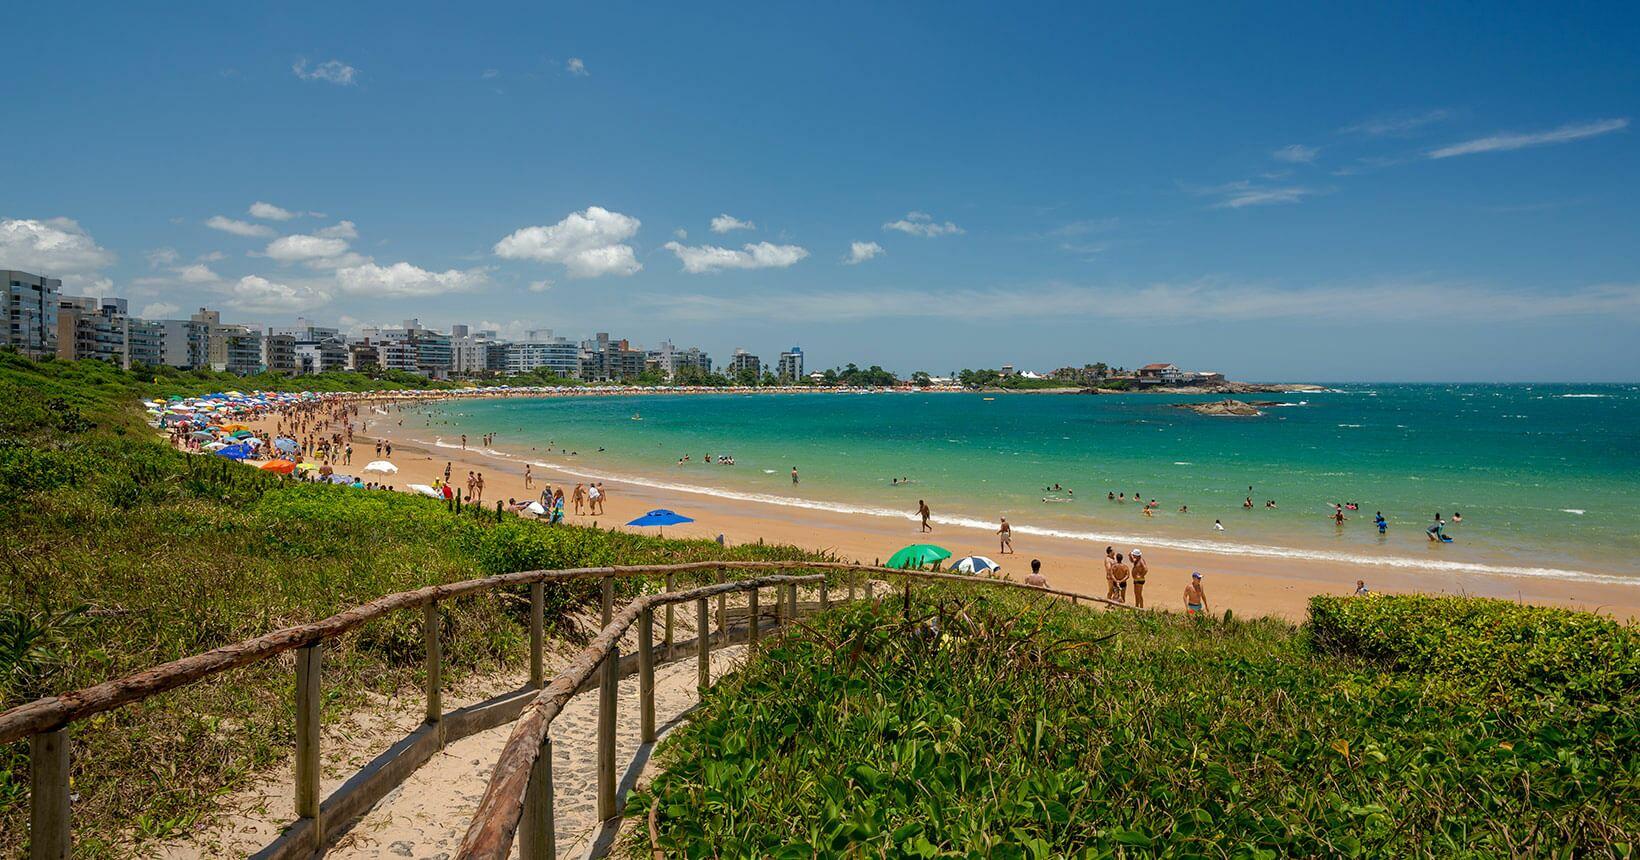 Praia do litoral do Espírito Santo